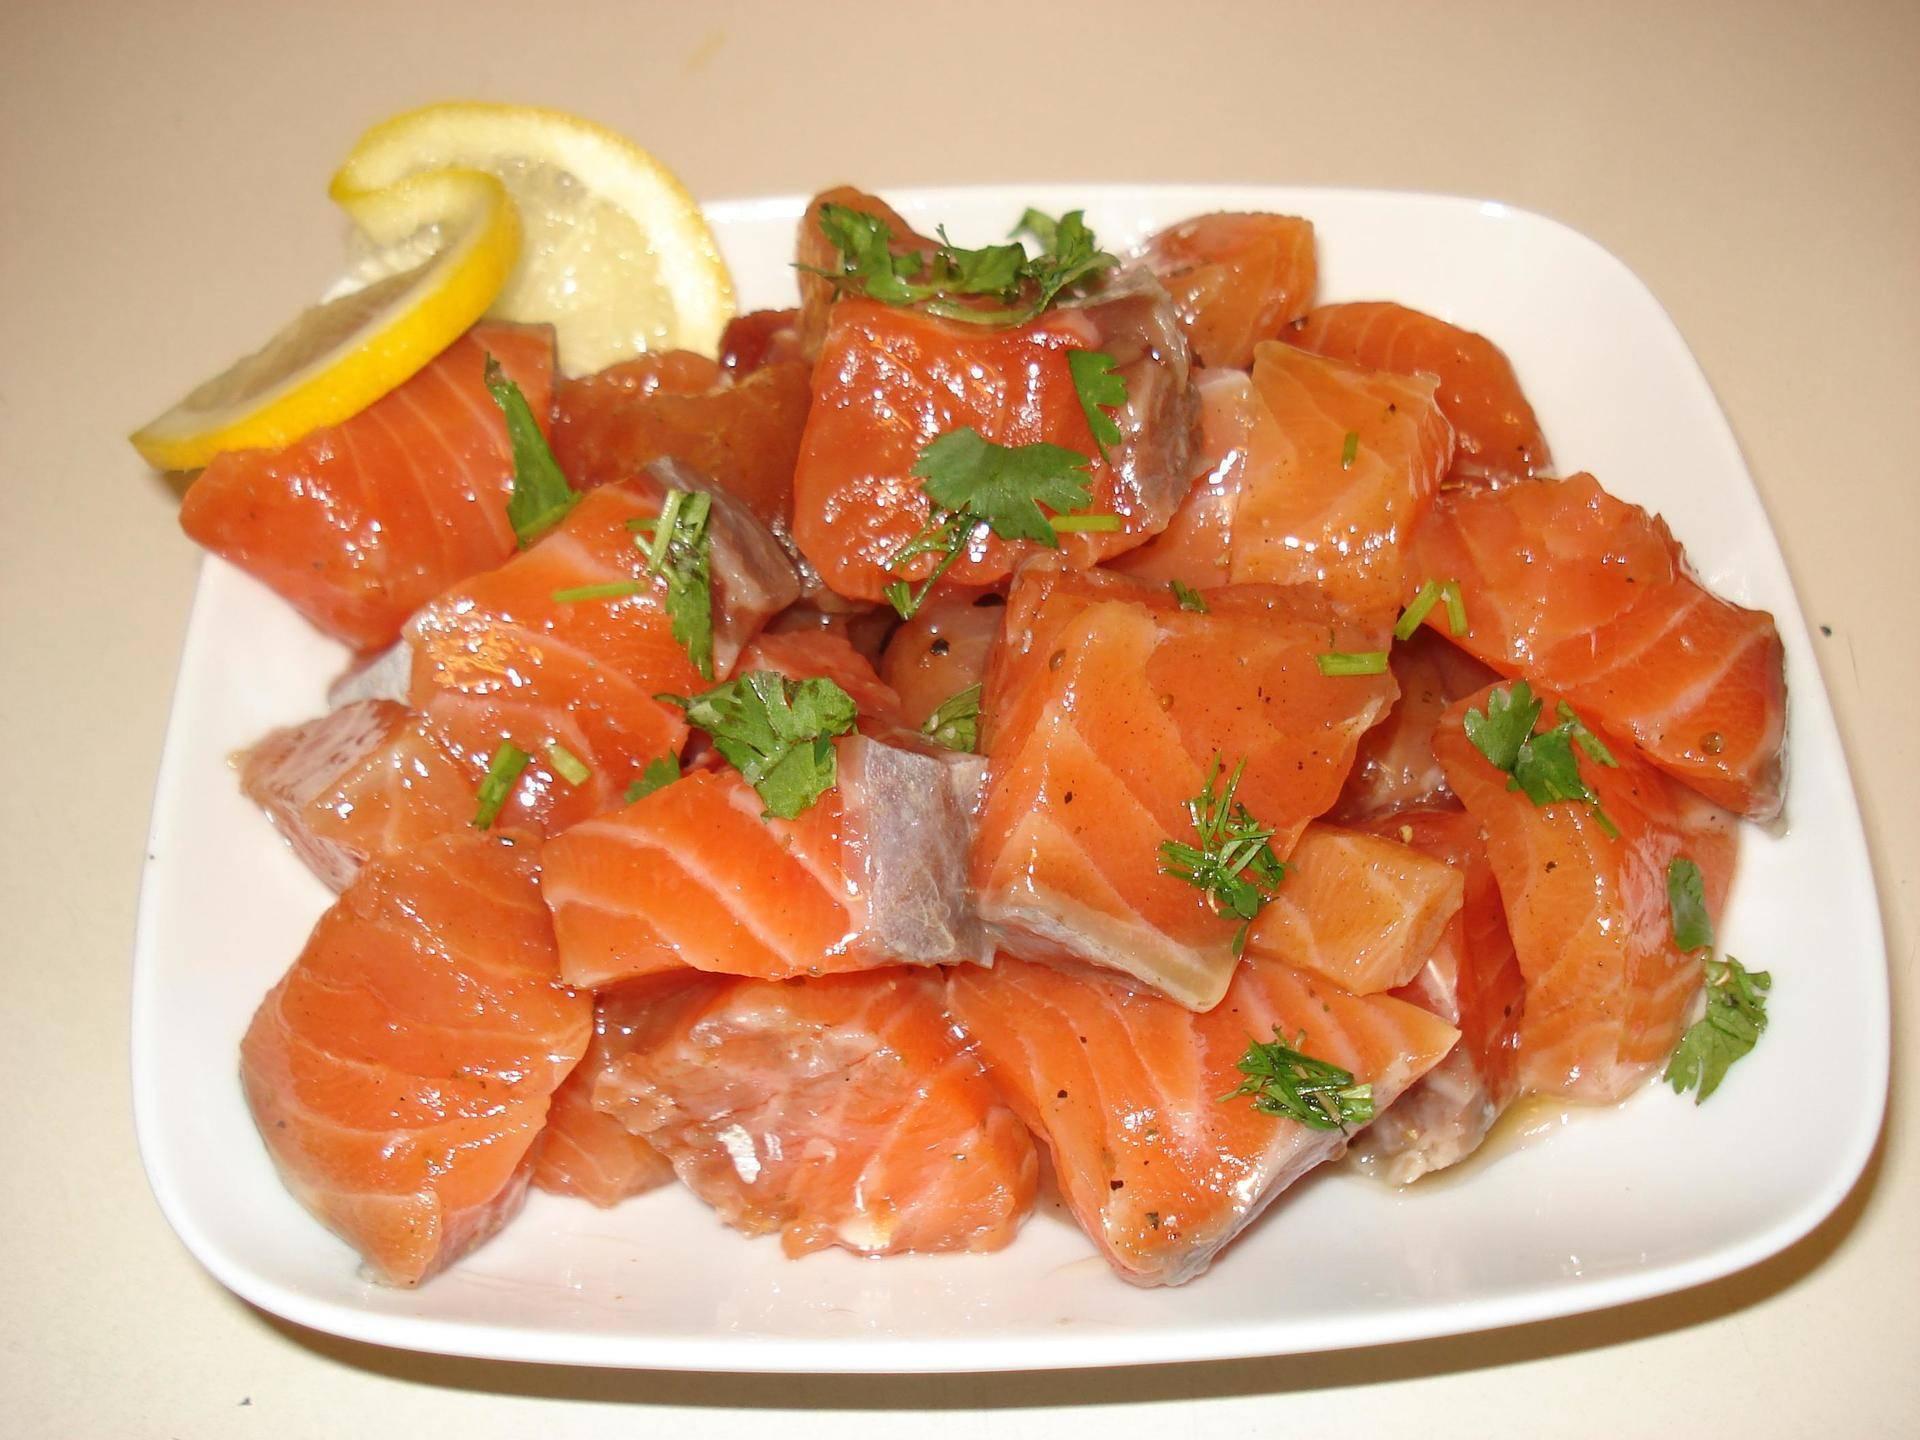 Что за рыба кижуч. как вкусно приготовить кижуч в домашних условиях. пошаговые рецепты приготовления рыбы кижуч на сковороде, в духовке и мультиварке. как засолить кижуч. как приготовить кижуч в домашних условиях - рецепты